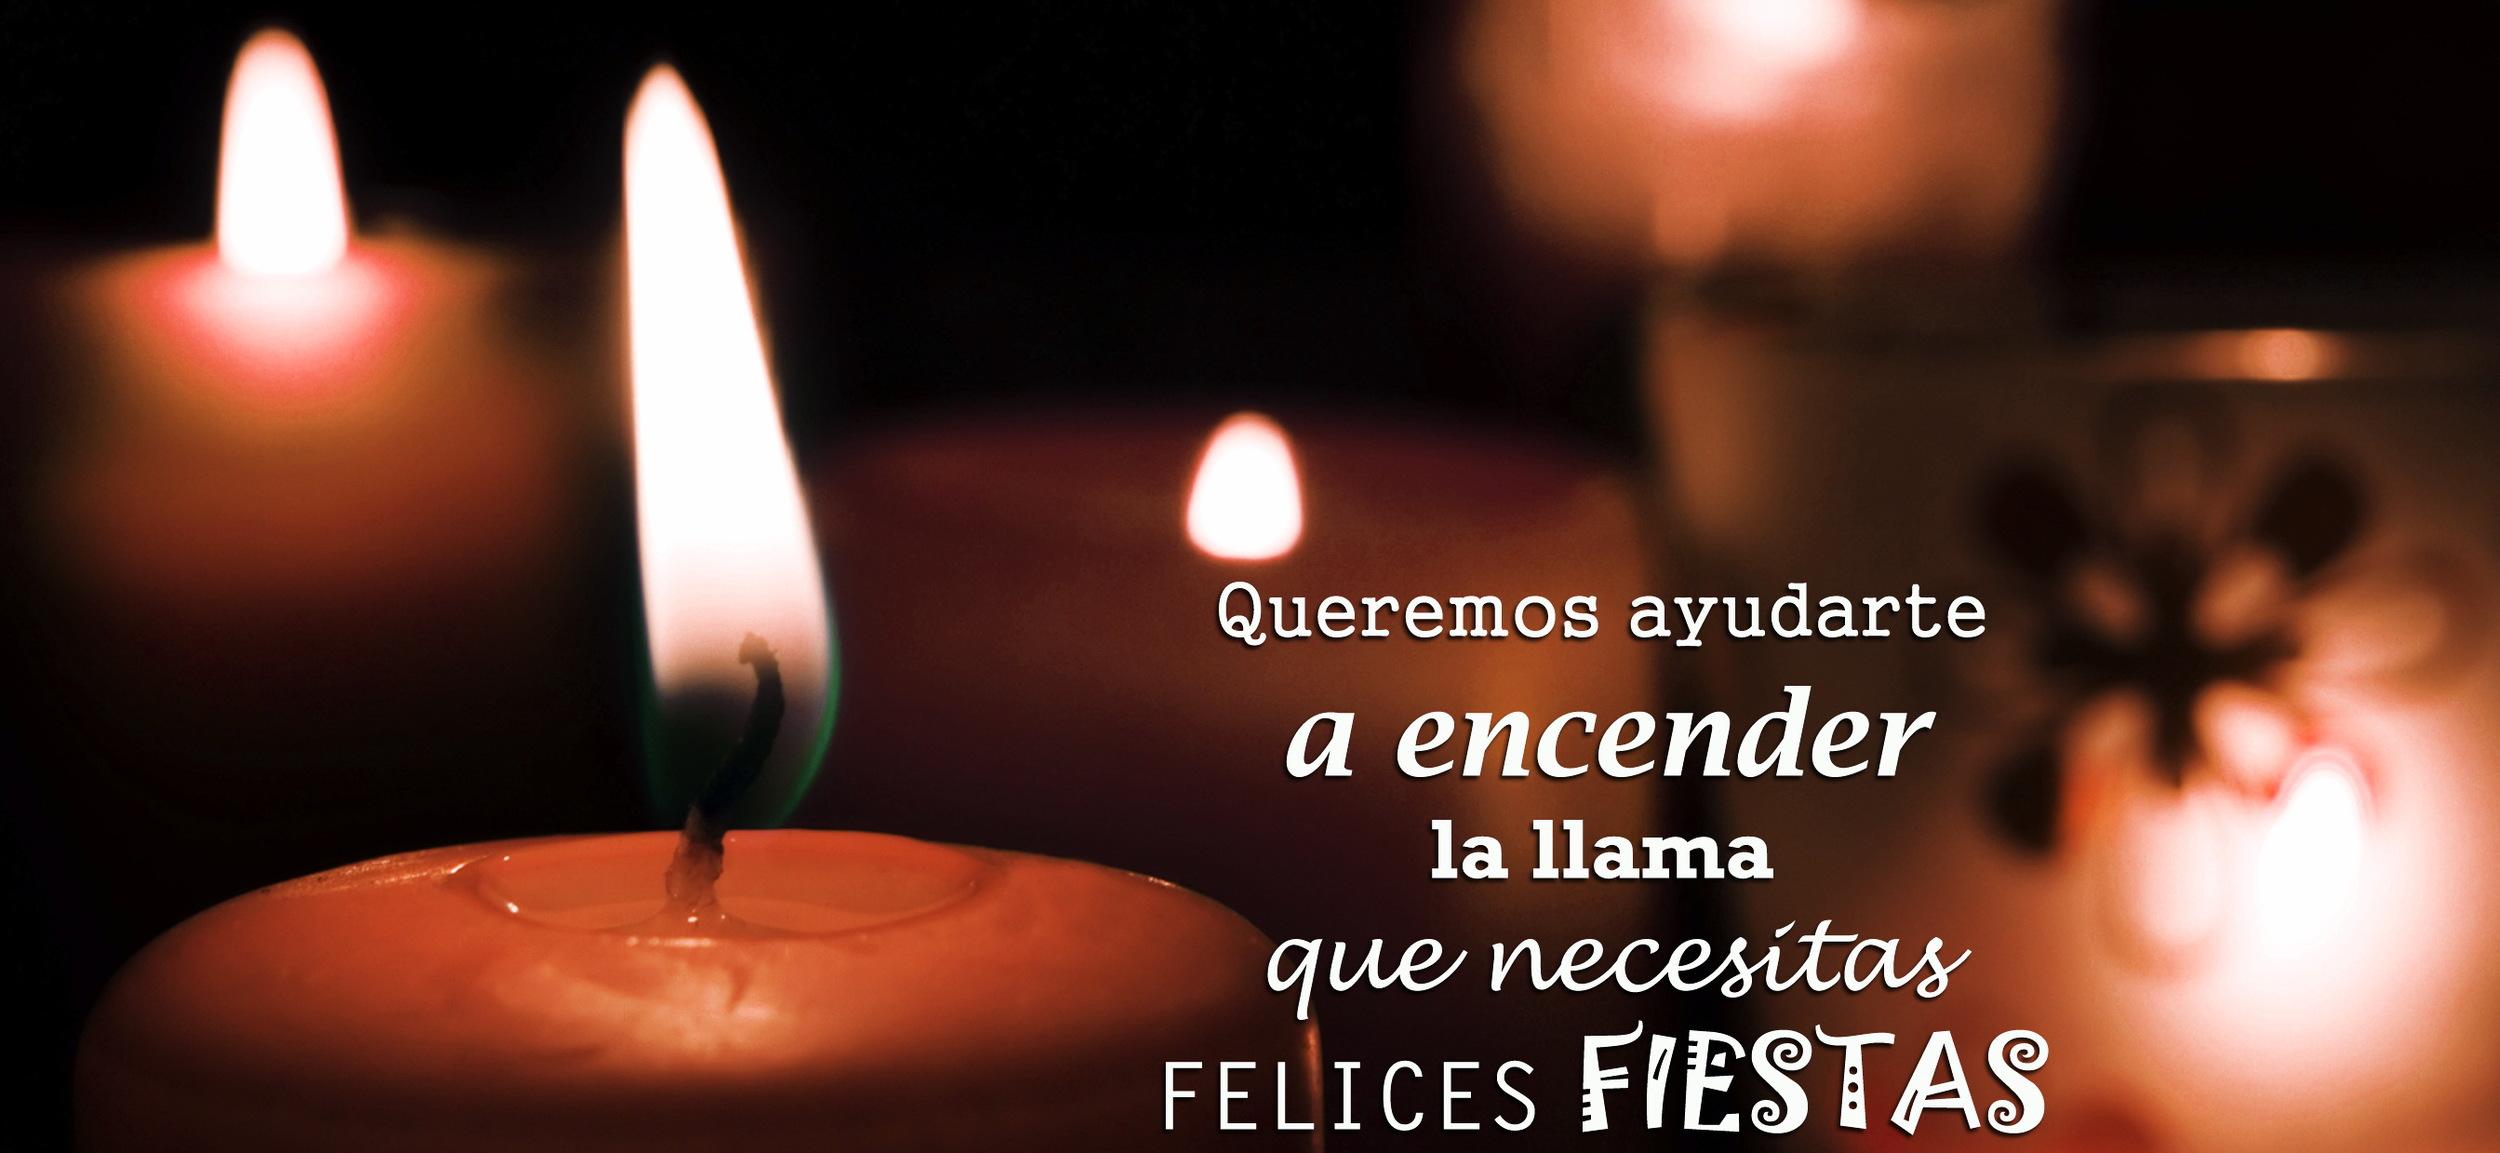 felicitación navideña 2014 WEB-.jpg